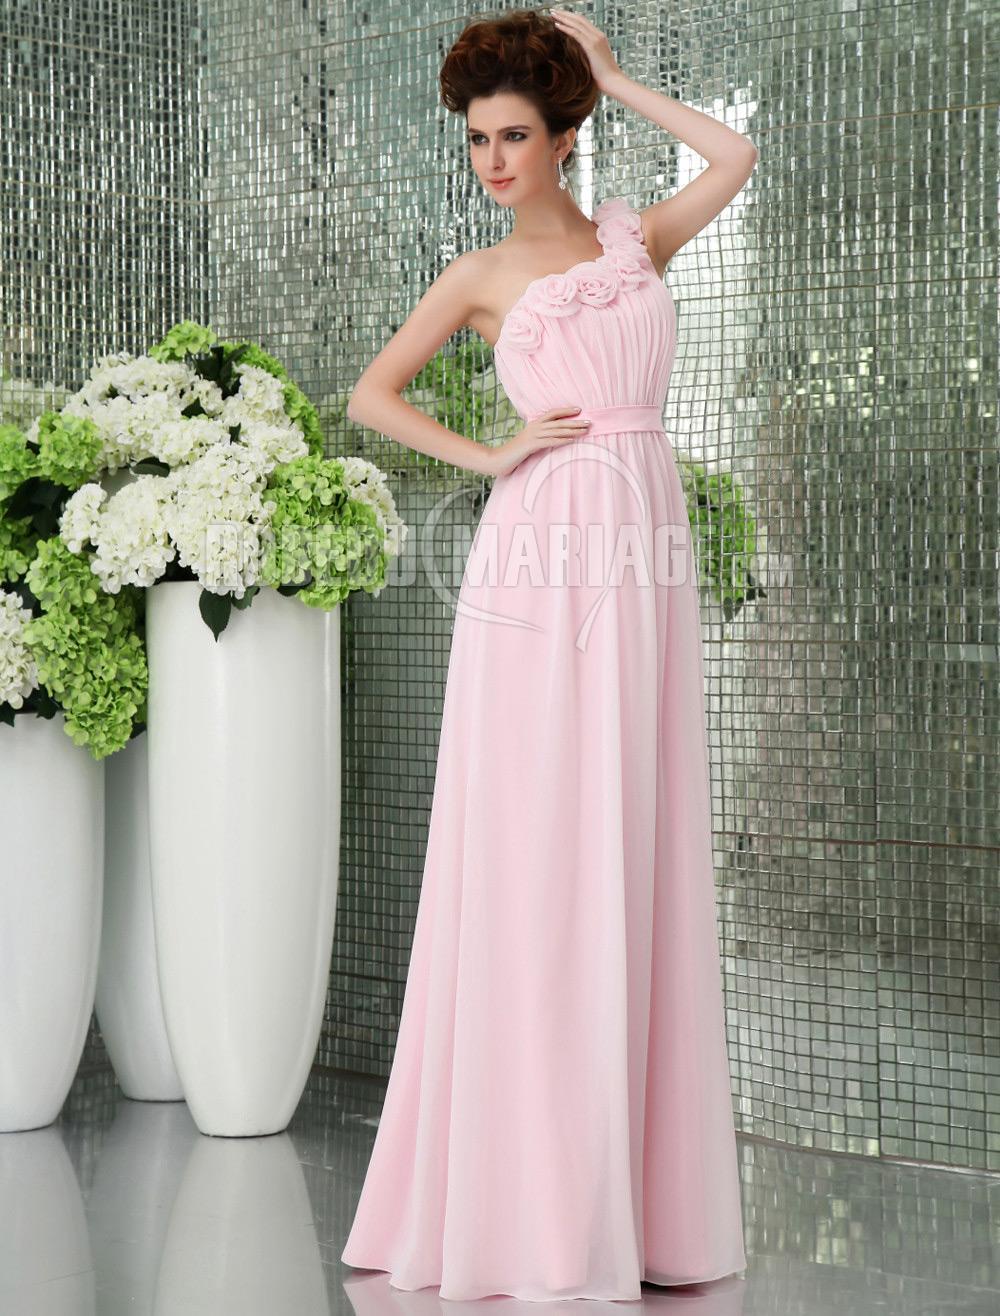 Robe Demoiselle D Honneur Epaule Asymetrique Pas Cher Papillon Chiffon Empire Robe207785 Robedumariage Com